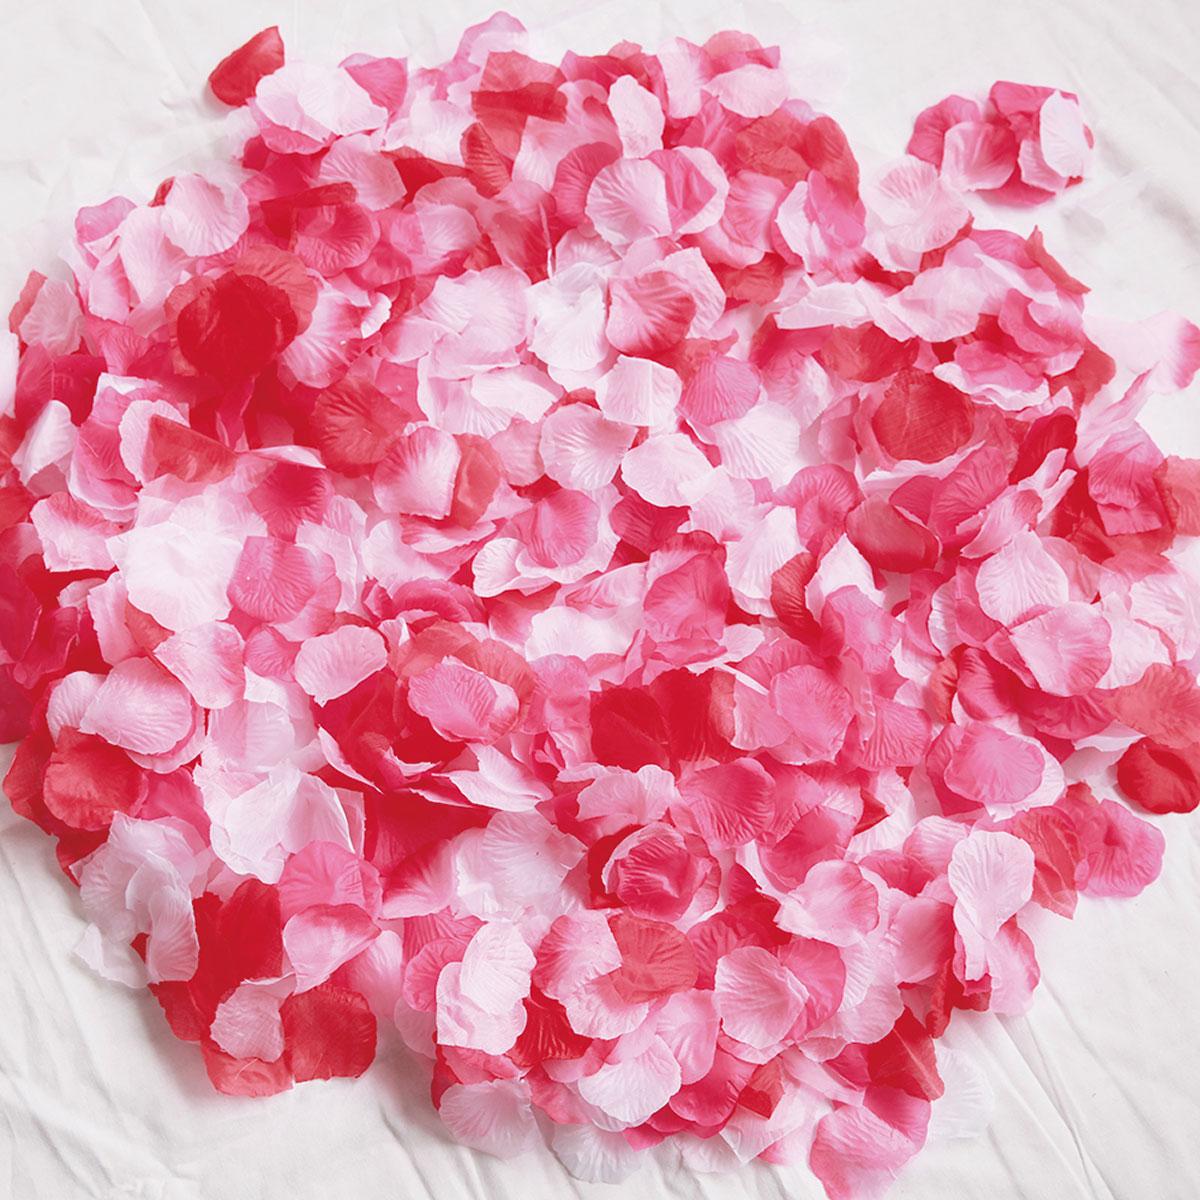 たっぷりボリュームで挙式を華やかに 新色 色調が豊富なので ゲスト参加型の演出もお祝いムードが高まります フラワーシャワー 造花 1000枚 ローズレッドMIX 5色 安心の定価販売 赤 白 ピンク バラ 薔薇 たっぷり フラワーペタル 結婚式 ウェディング セット 2次会 挙式 演出 誕生日 披露宴 写真映え 花びら showe 記念 メール便で送料無料 flower ウエルカムアイテム ブライダル 飾りr テーブル